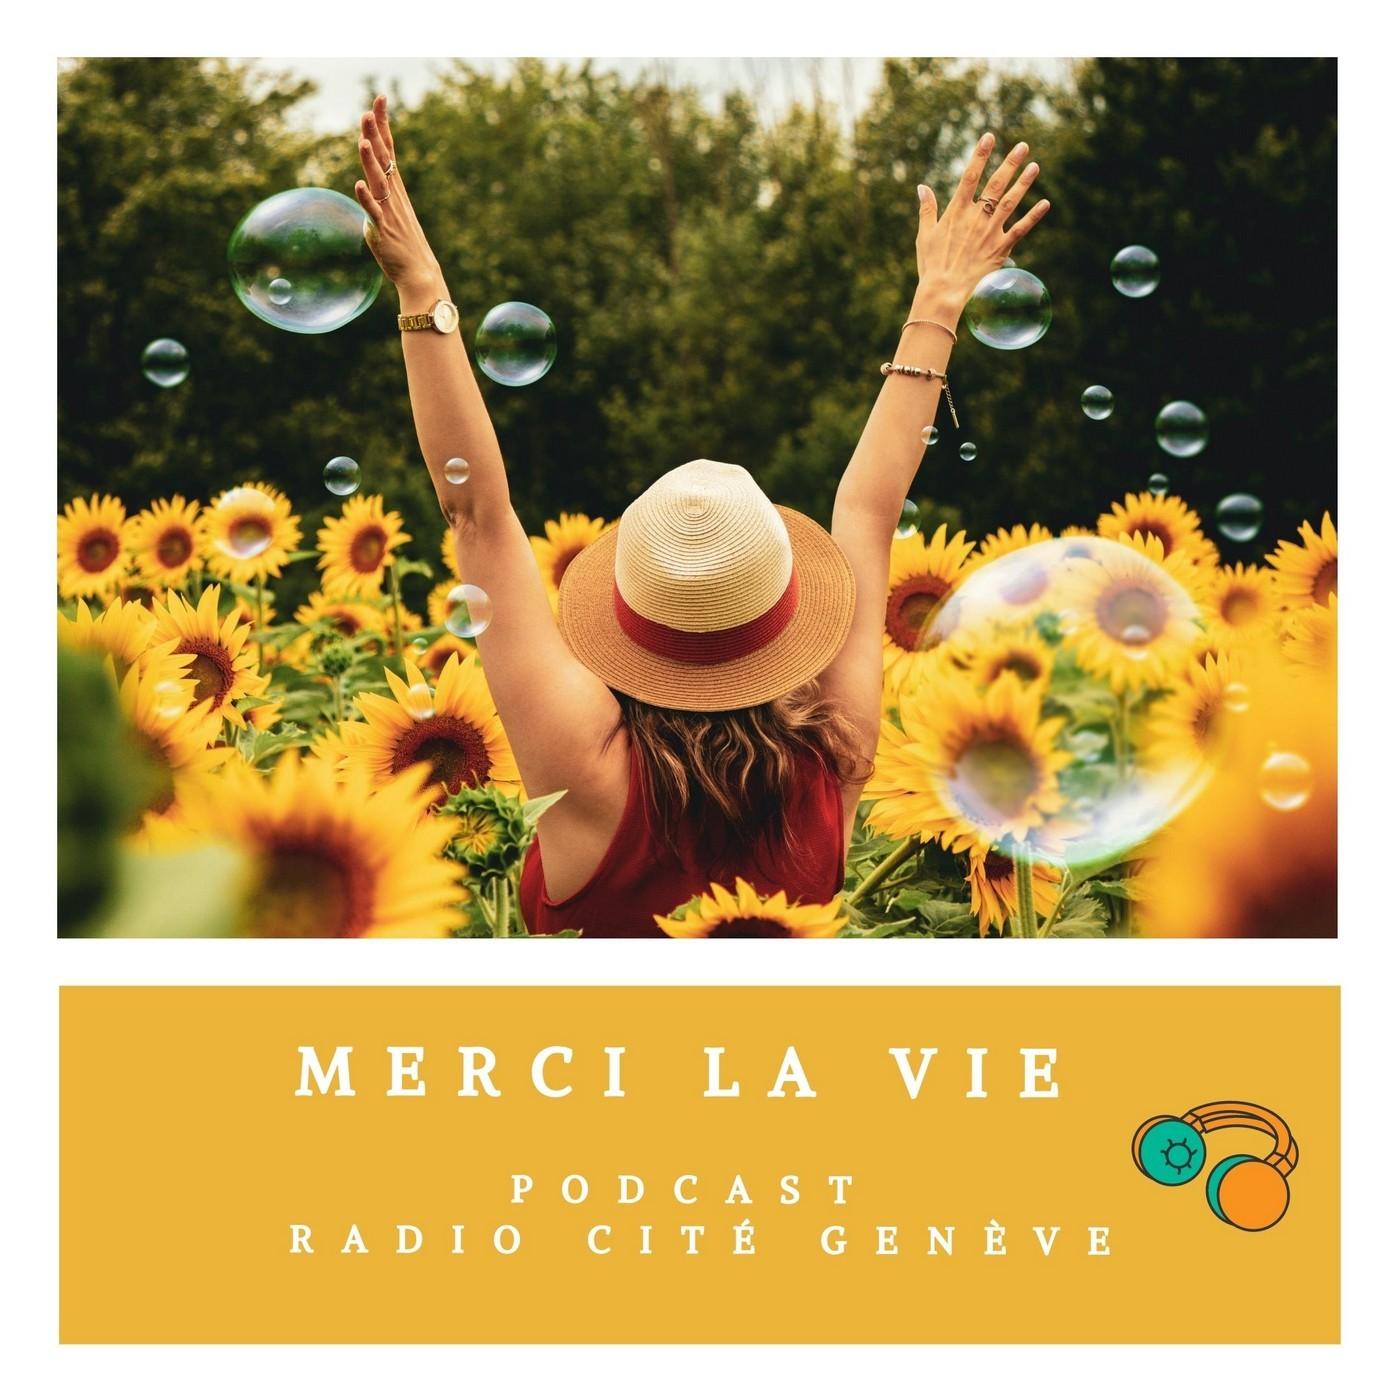 Merci la Vie du 09/03/21 - Jacques Maire